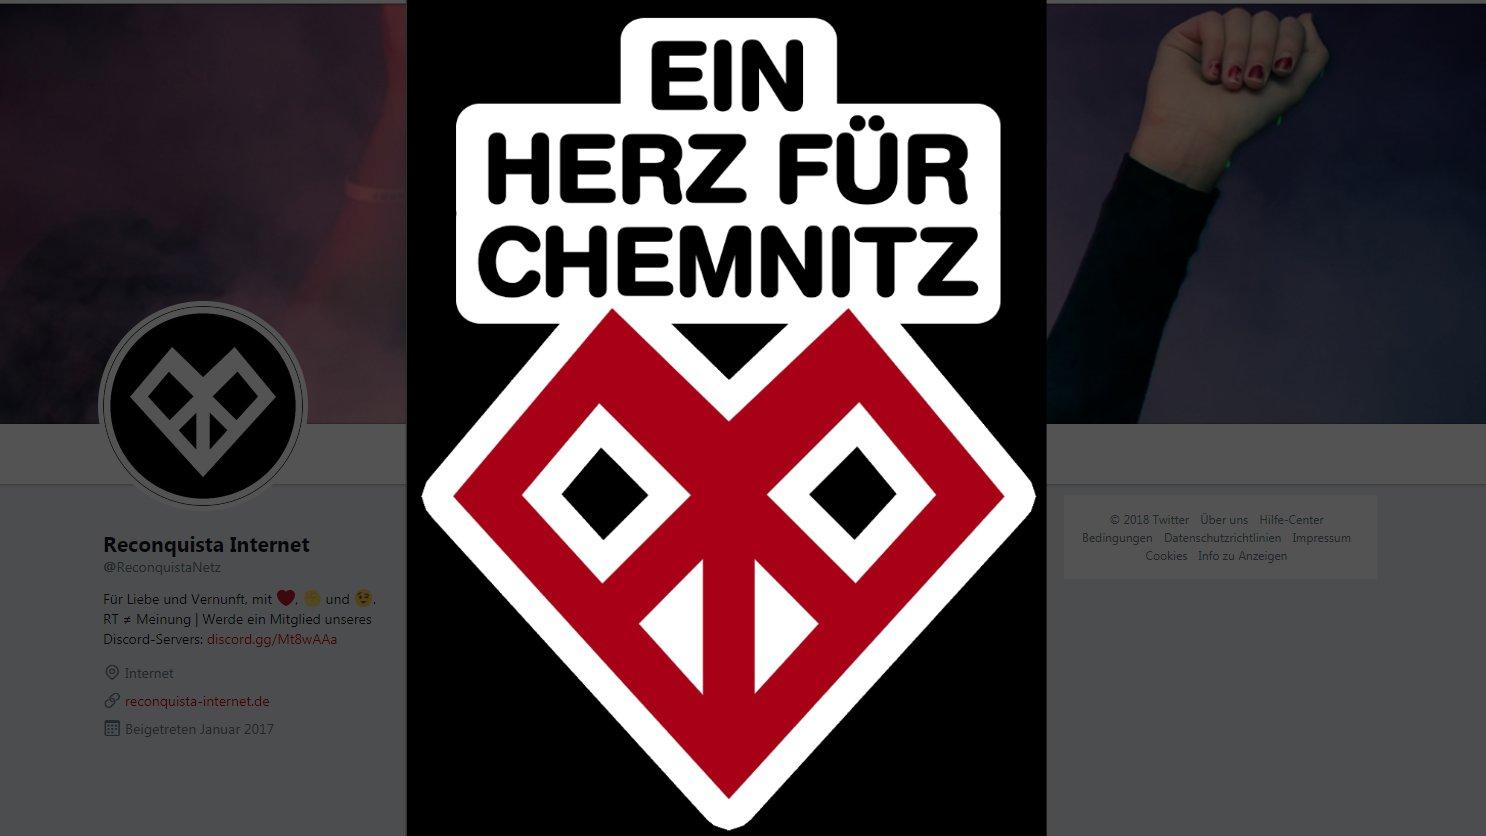 Hashtag-Aktion nach Nazi-Aufmarsch: Ein Herz für Chemnitz